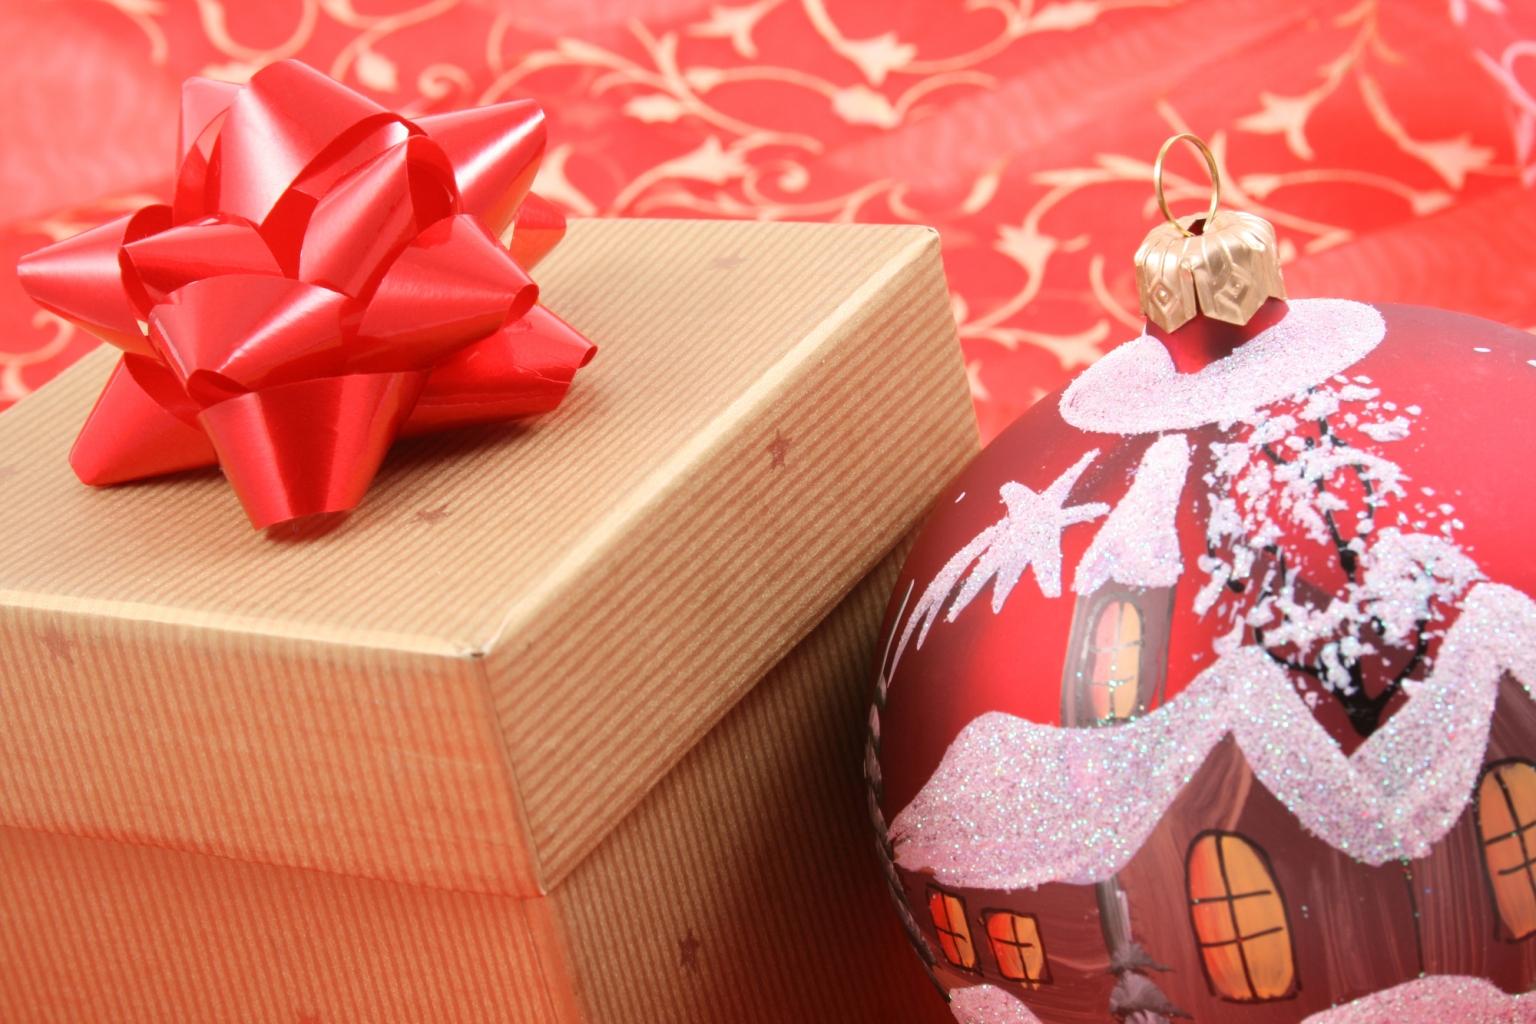 Bremens 5 verrückteste Geschenkideen für Weihnachten